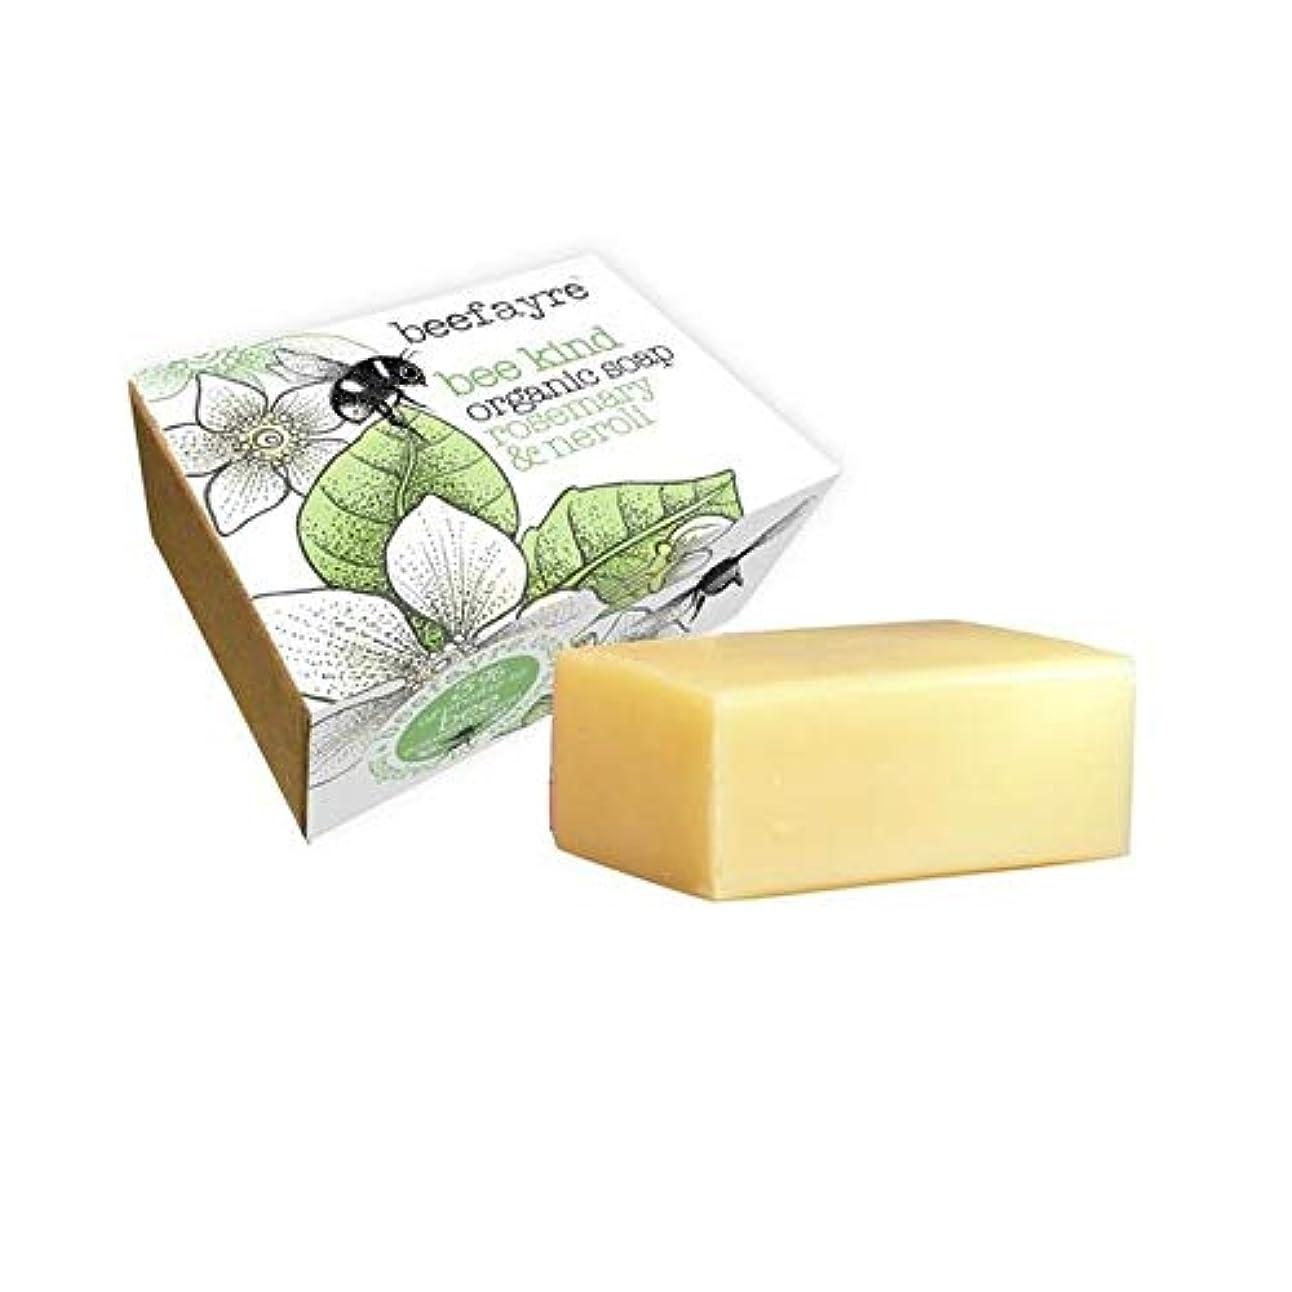 サイレン彼の瞬時に[Beefayre] 有機ローズマリー&ネロリソープバー100グラムBeefayre - Beefayre Organic Rosemary & Neroli Soap Bar 100g [並行輸入品]